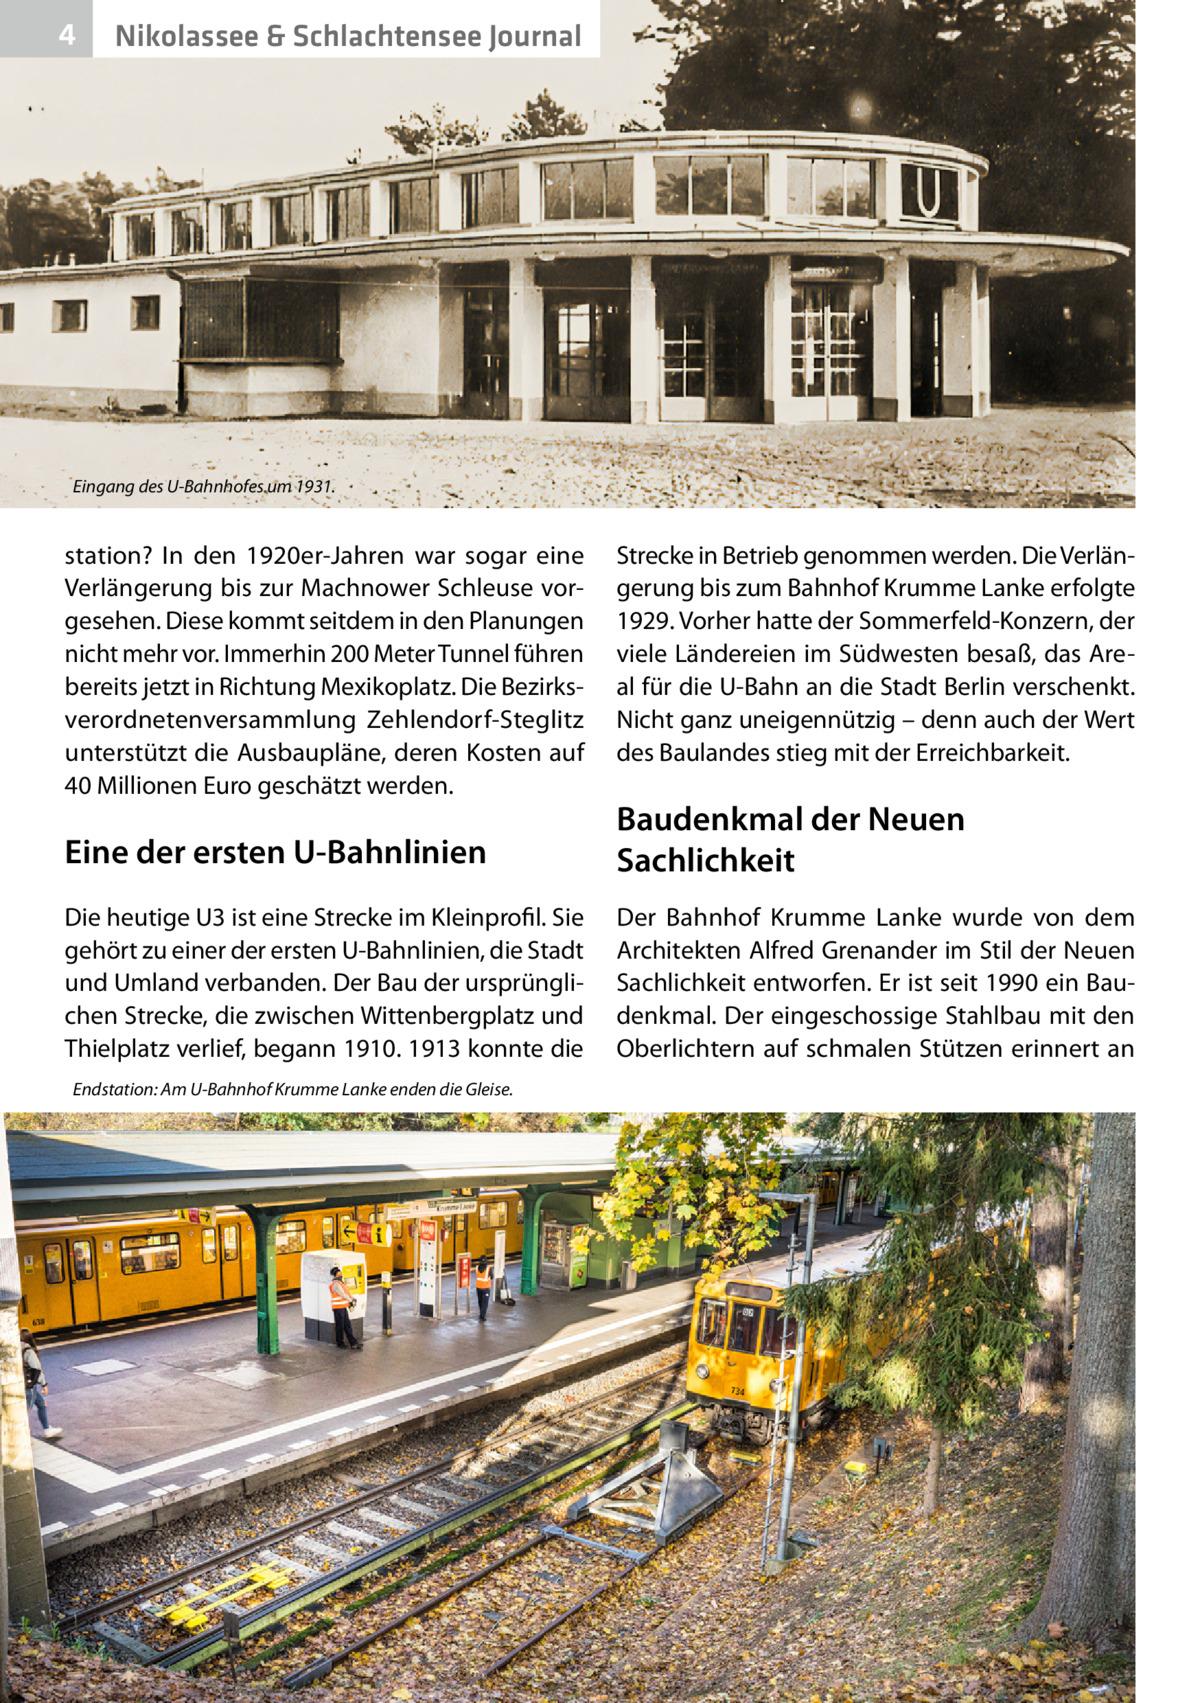 4  Nikolassee & Schlachtensee Journal  Eingang des U-Bahnhofes um 1931.  station? In den 1920er-Jahren war sogar eine Verlängerung bis zur Machnower Schleuse vorgesehen. Diese kommt seitdem in den Planungen nicht mehr vor. Immerhin 200Meter Tunnel führen bereits jetzt in Richtung Mexikoplatz. Die Bezirksverordnetenversammlung Zehlendorf-Steglitz unterstützt die Ausbaupläne, deren Kosten auf 40Millionen Euro geschätzt werden.  Strecke in Betrieb genommen werden. Die Verlängerung bis zum Bahnhof Krumme Lanke erfolgte 1929. Vorher hatte der Sommerfeld-Konzern, der viele Ländereien im Südwesten besaß, das Areal für die U-Bahn an die Stadt Berlin verschenkt. Nicht ganz uneigennützig – denn auch der Wert des Baulandes stieg mit der Erreichbarkeit.  Eine der ersten U-Bahnlinien  Baudenkmal der Neuen Sachlichkeit  Die heutige U3 ist eine Strecke im Kleinprofil. Sie gehört zu einer der ersten U-Bahnlinien, die Stadt und Umland verbanden. Der Bau der ursprünglichen Strecke, die zwischen Wittenbergplatz und Thielplatz verlief, begann 1910. 1913 konnte die  Der Bahnhof Krumme Lanke wurde von dem Architekten Alfred Grenander im Stil der Neuen Sachlichkeit entworfen. Er ist seit 1990 ein Baudenkmal. Der eingeschossige Stahlbau mit den Oberlichtern auf schmalen Stützen erinnert an  Endstation: Am U-Bahnhof Krumme Lanke enden die Gleise.